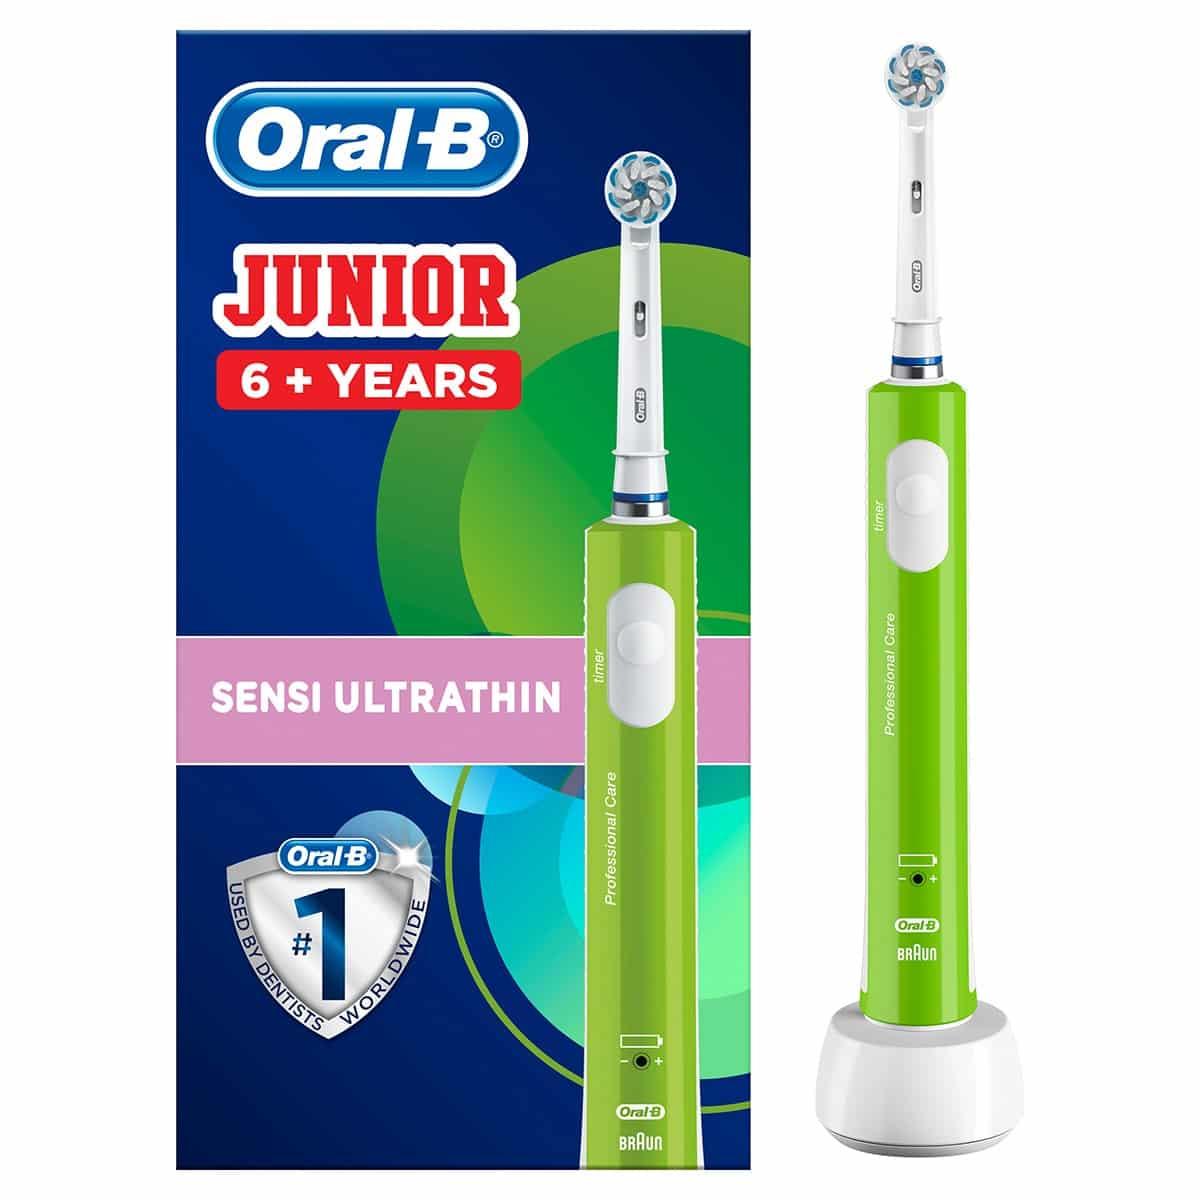 Cepillo de dientes eléctrico Braun Oral-B Junior para niños